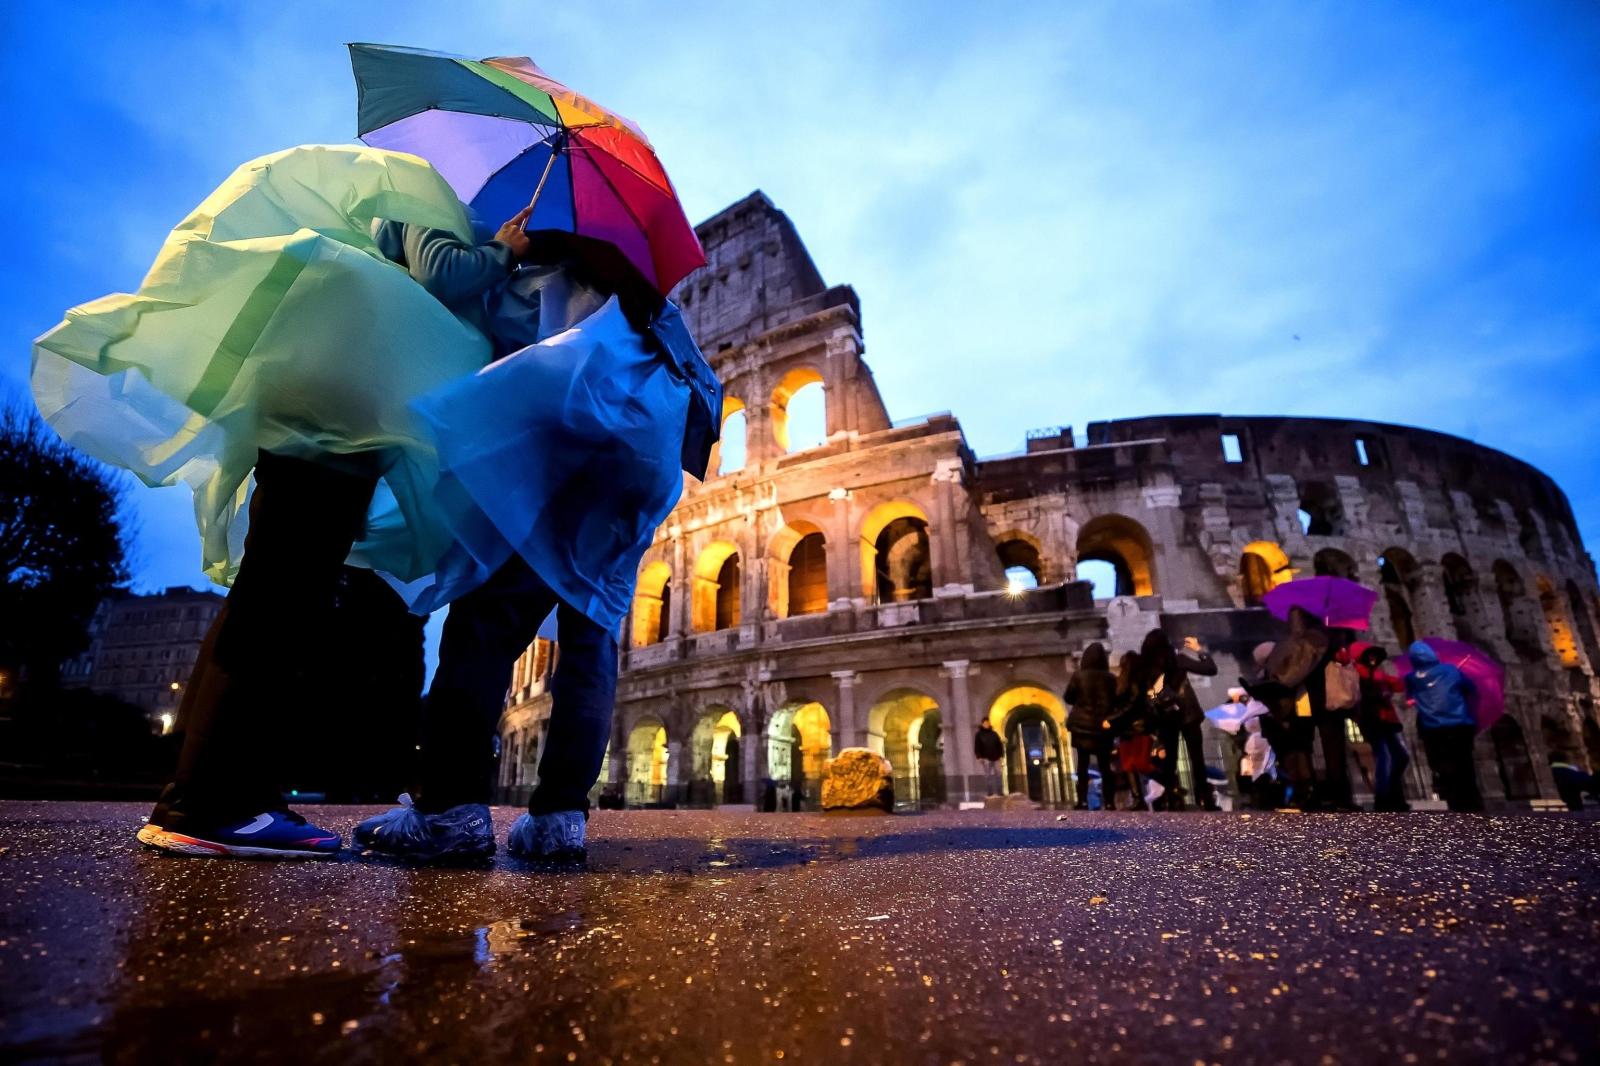 Włochy. Pogoda nie rozpieszcza mieszkańców Rzymu. fot. EPA/ANGELO CARCONI